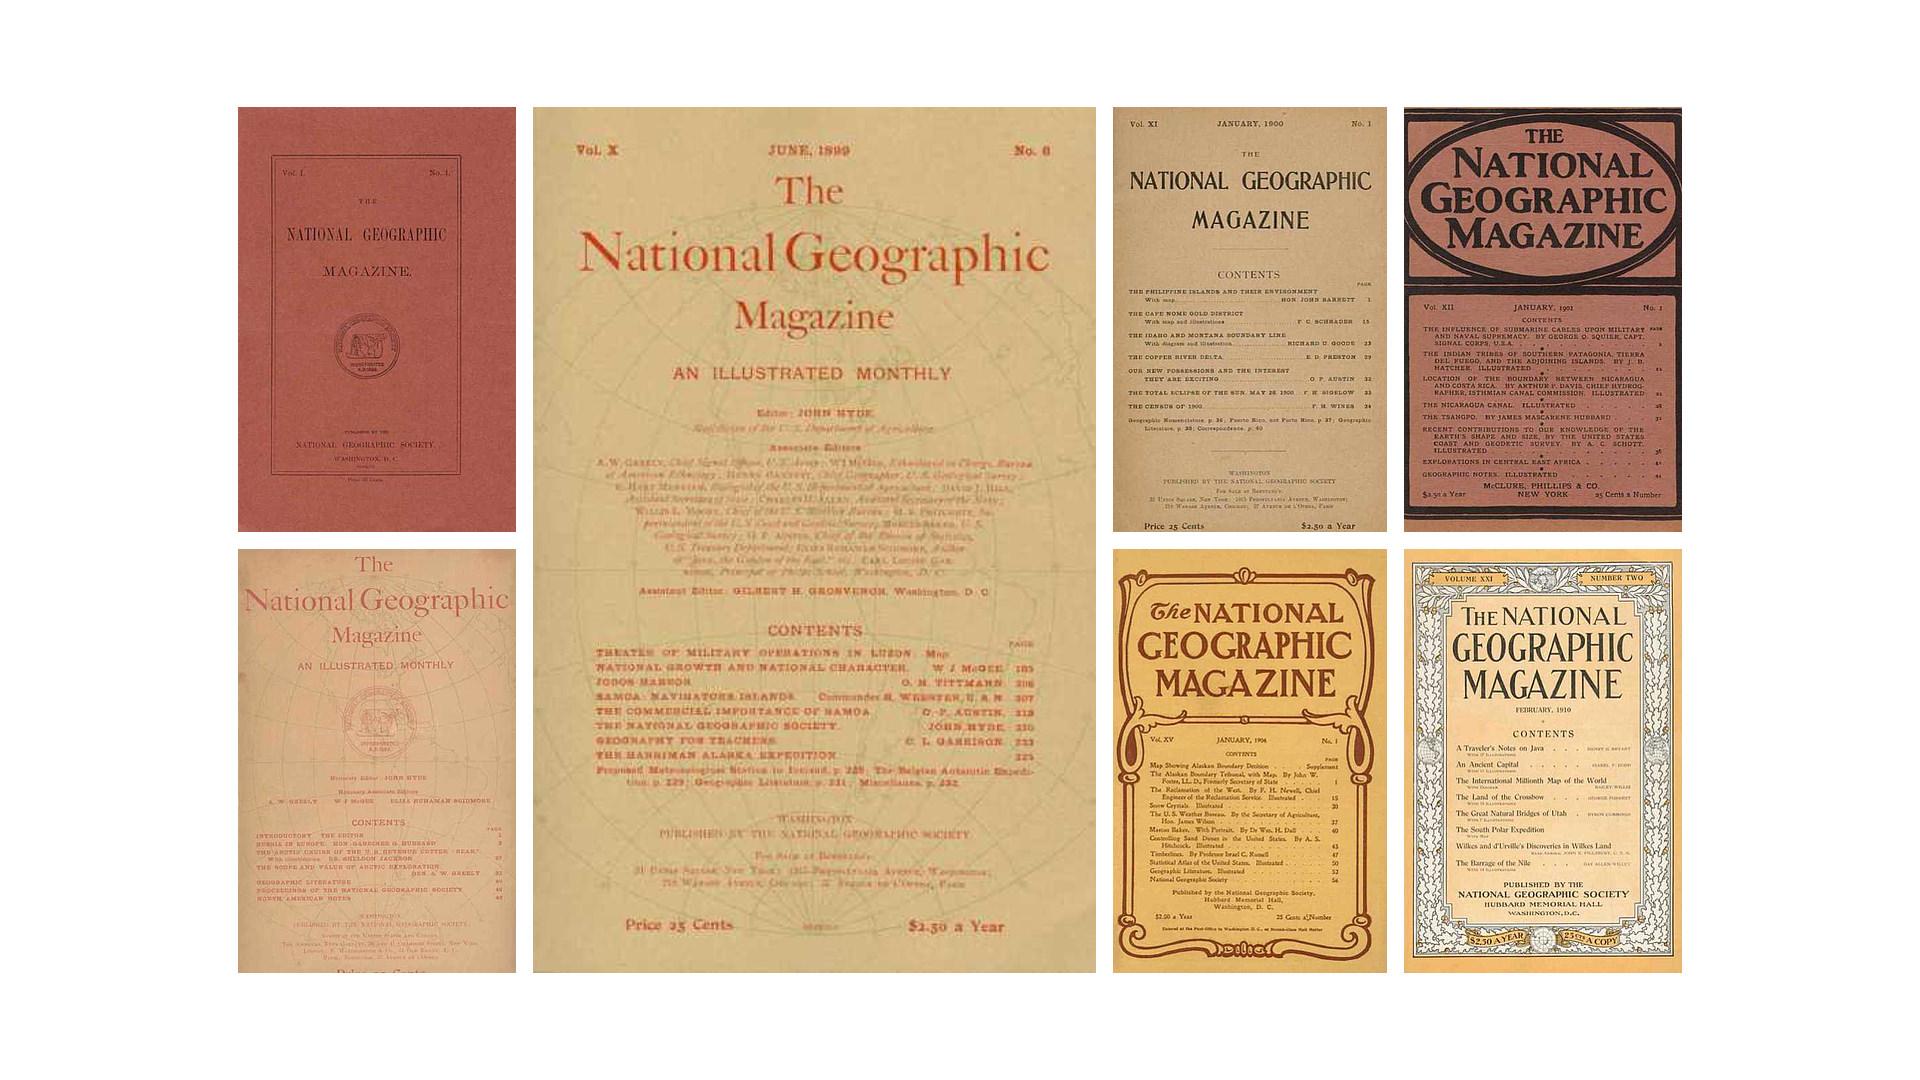 National Geographic Magazine - Historia de la Fotografía - José Álvarez Fotografía